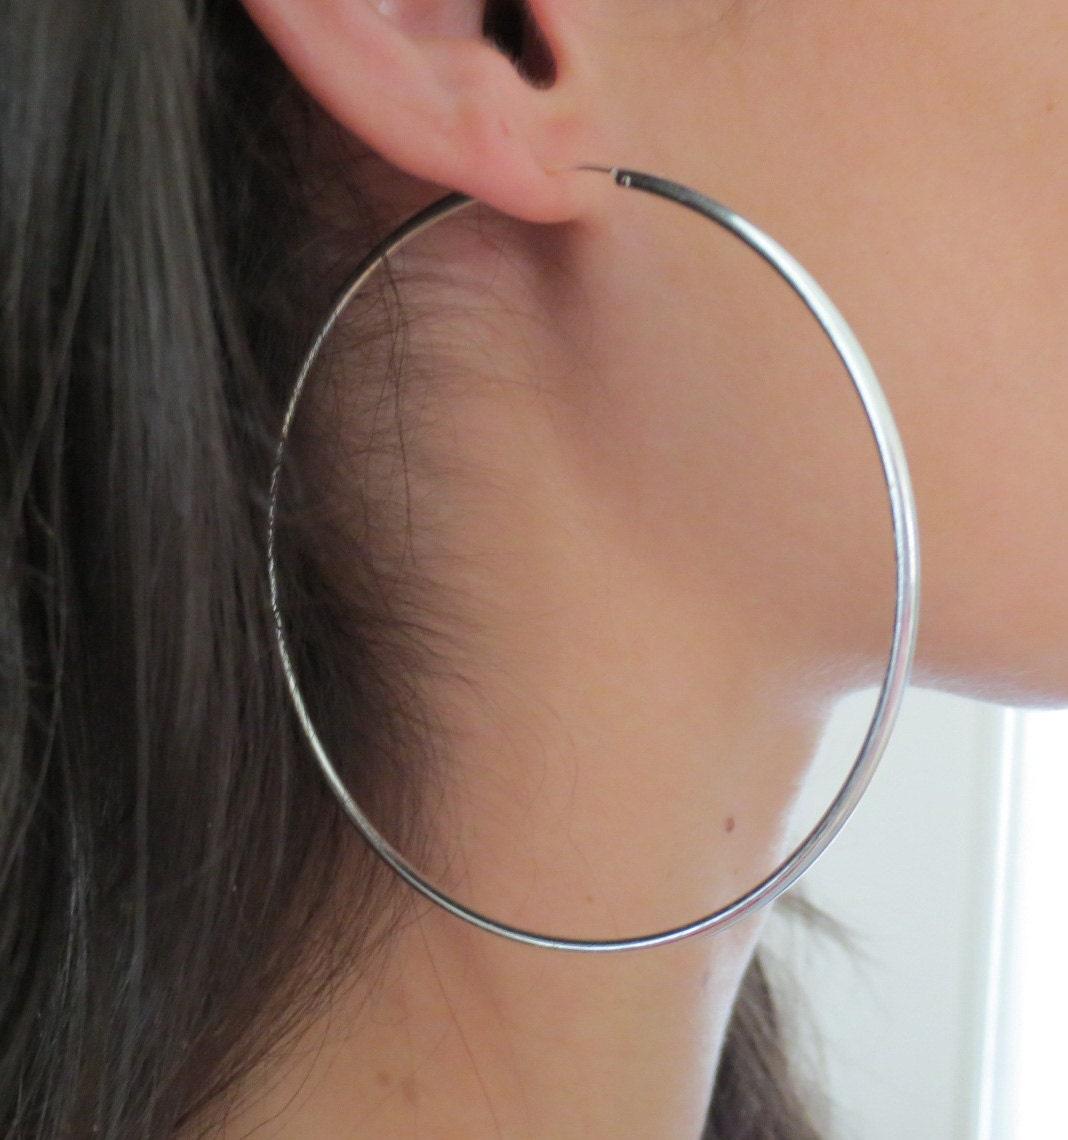 925 Sterling Silver X-Large Sleeper Thin Endless Hoops 60 mm Hoop Earrings Women